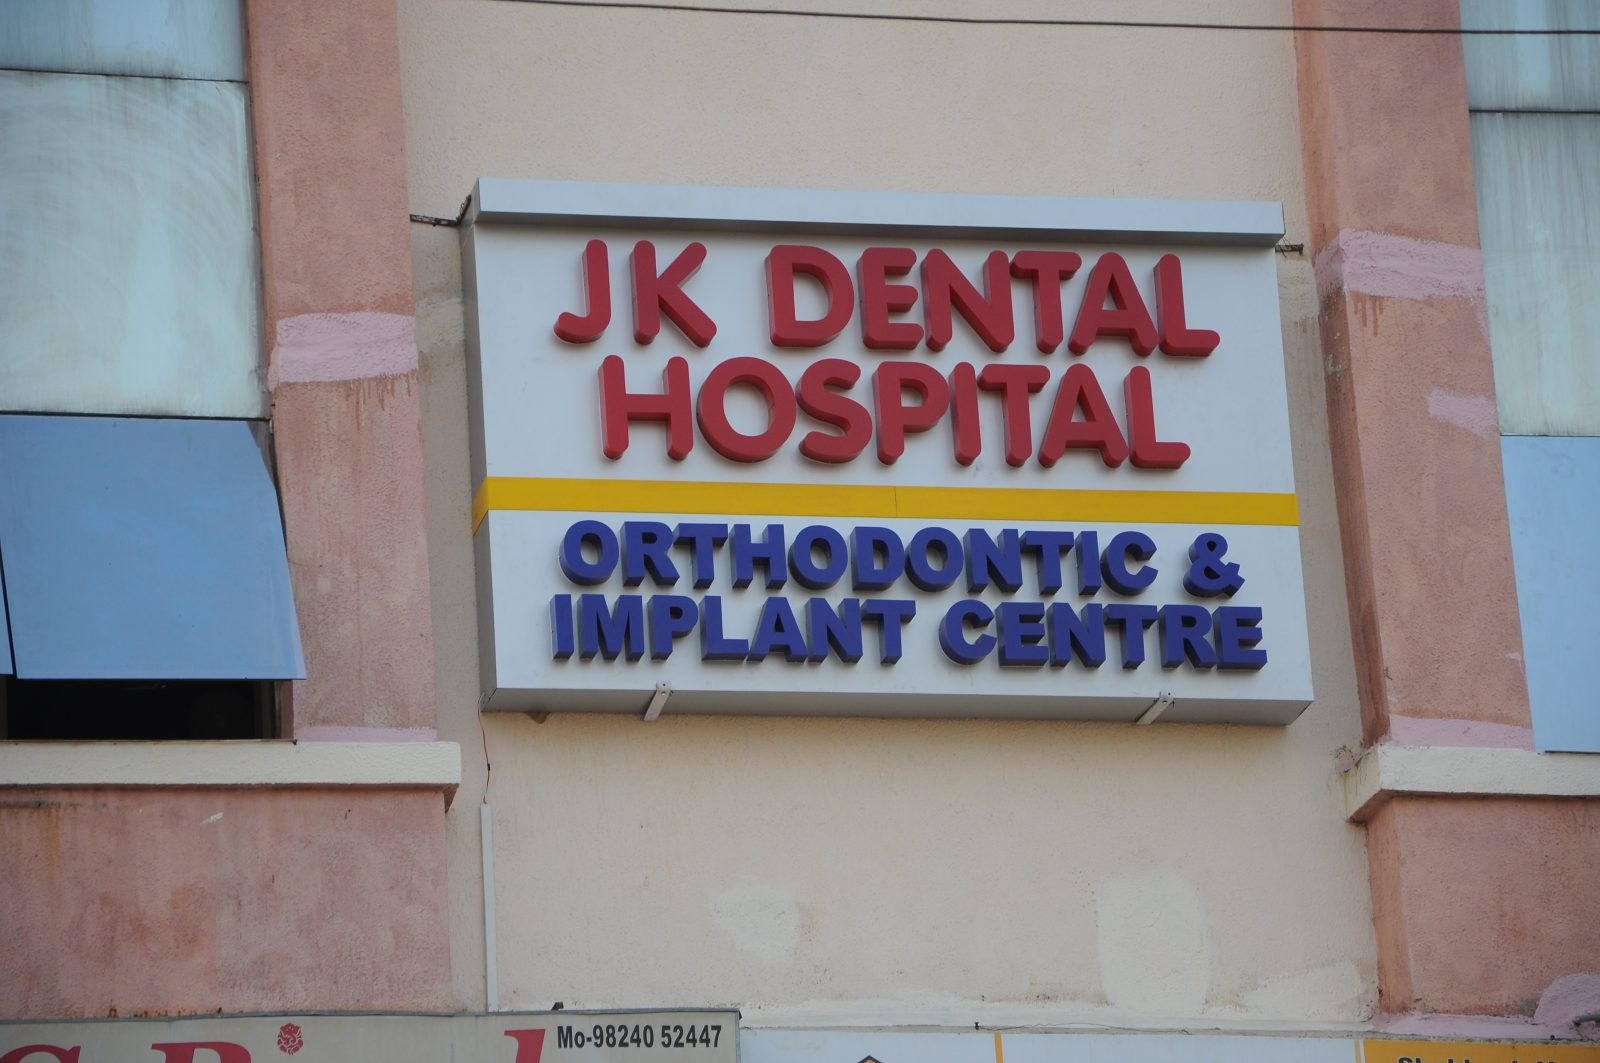 jk dental hospital